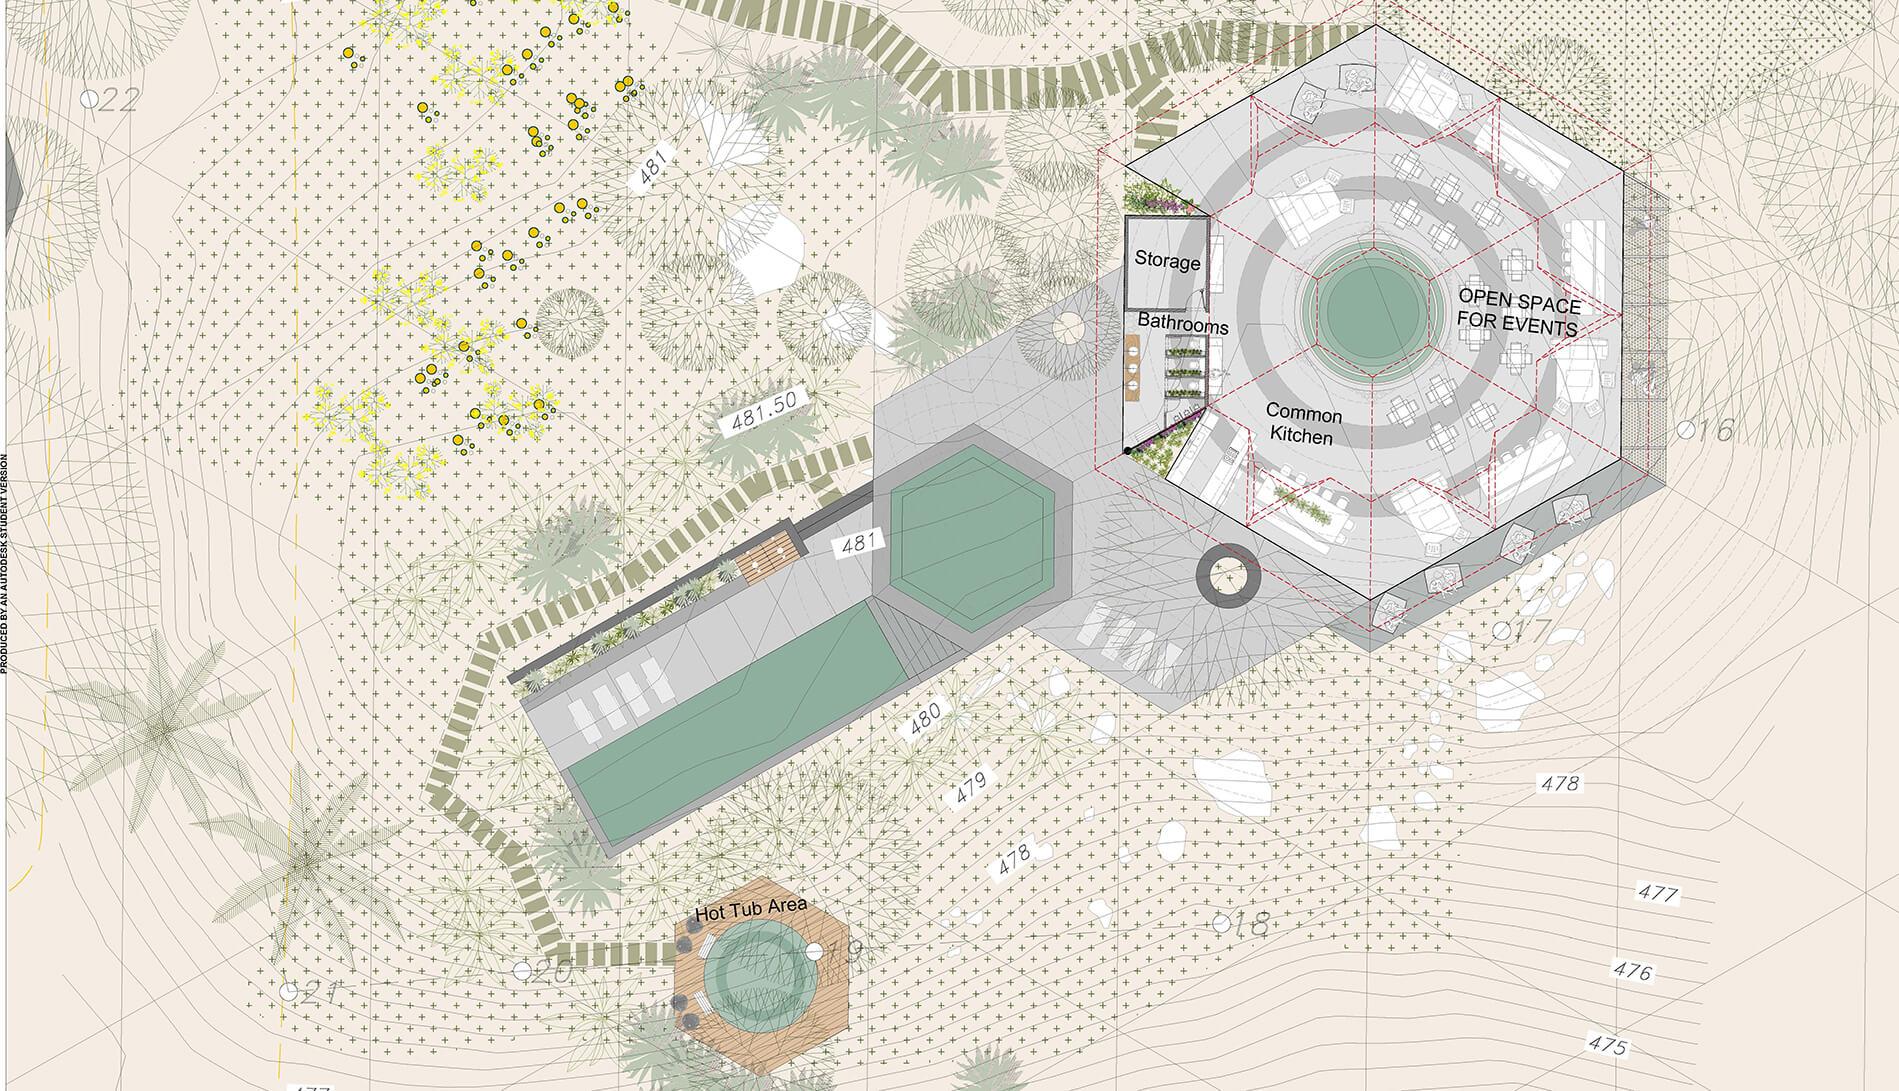 common-building-rendering-sketch-cropped.jpg